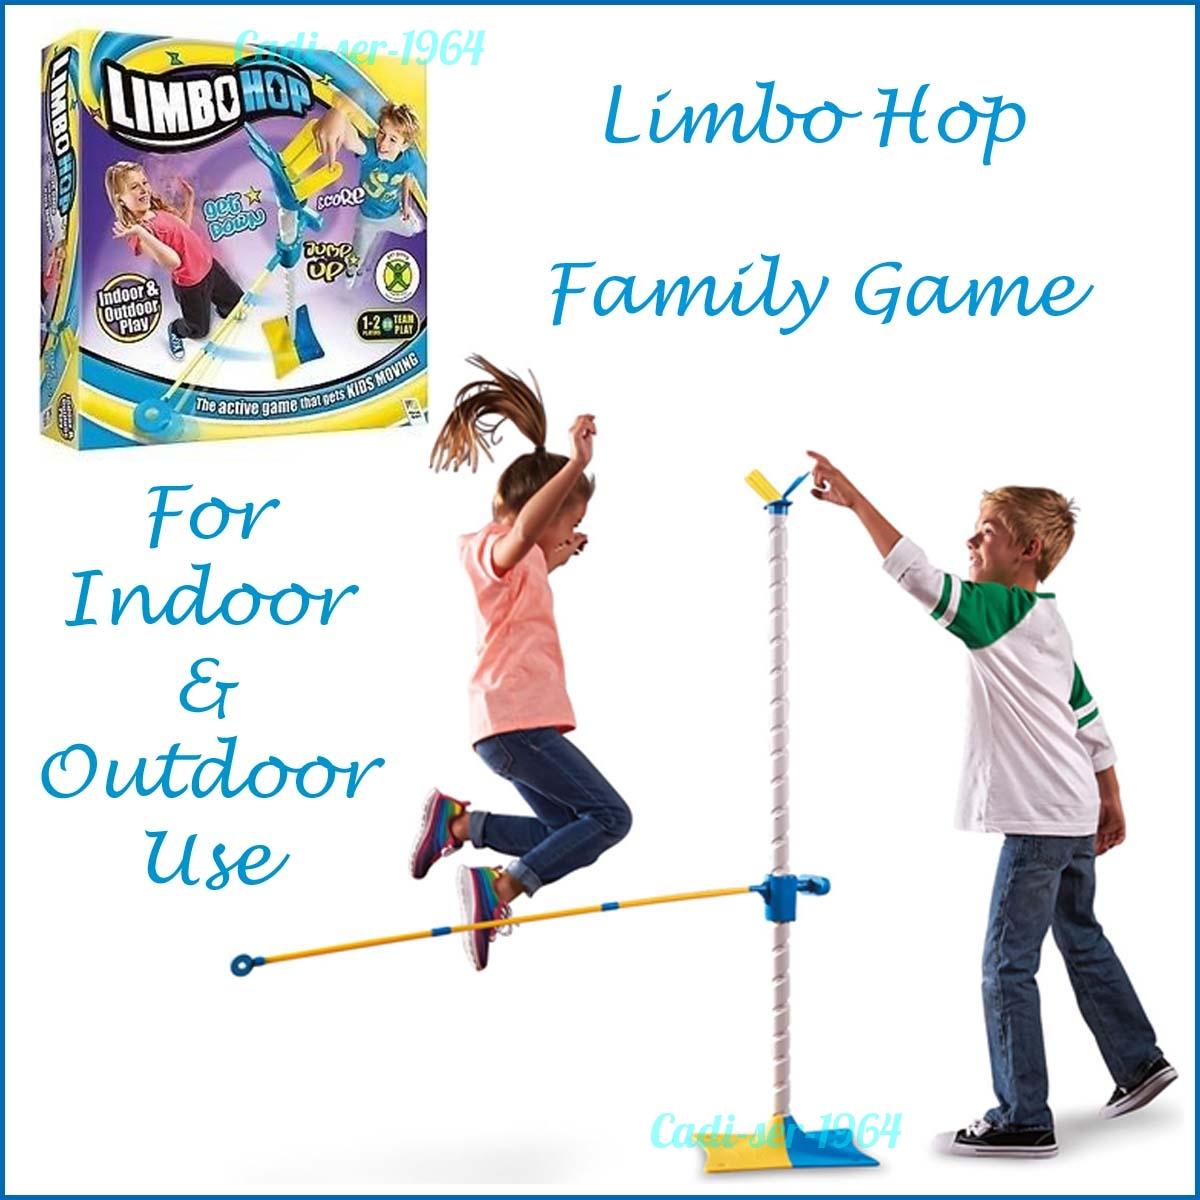 LIMBO HOP   KIDS ACTIVE  INDOOR  OUTDOOR  GAME